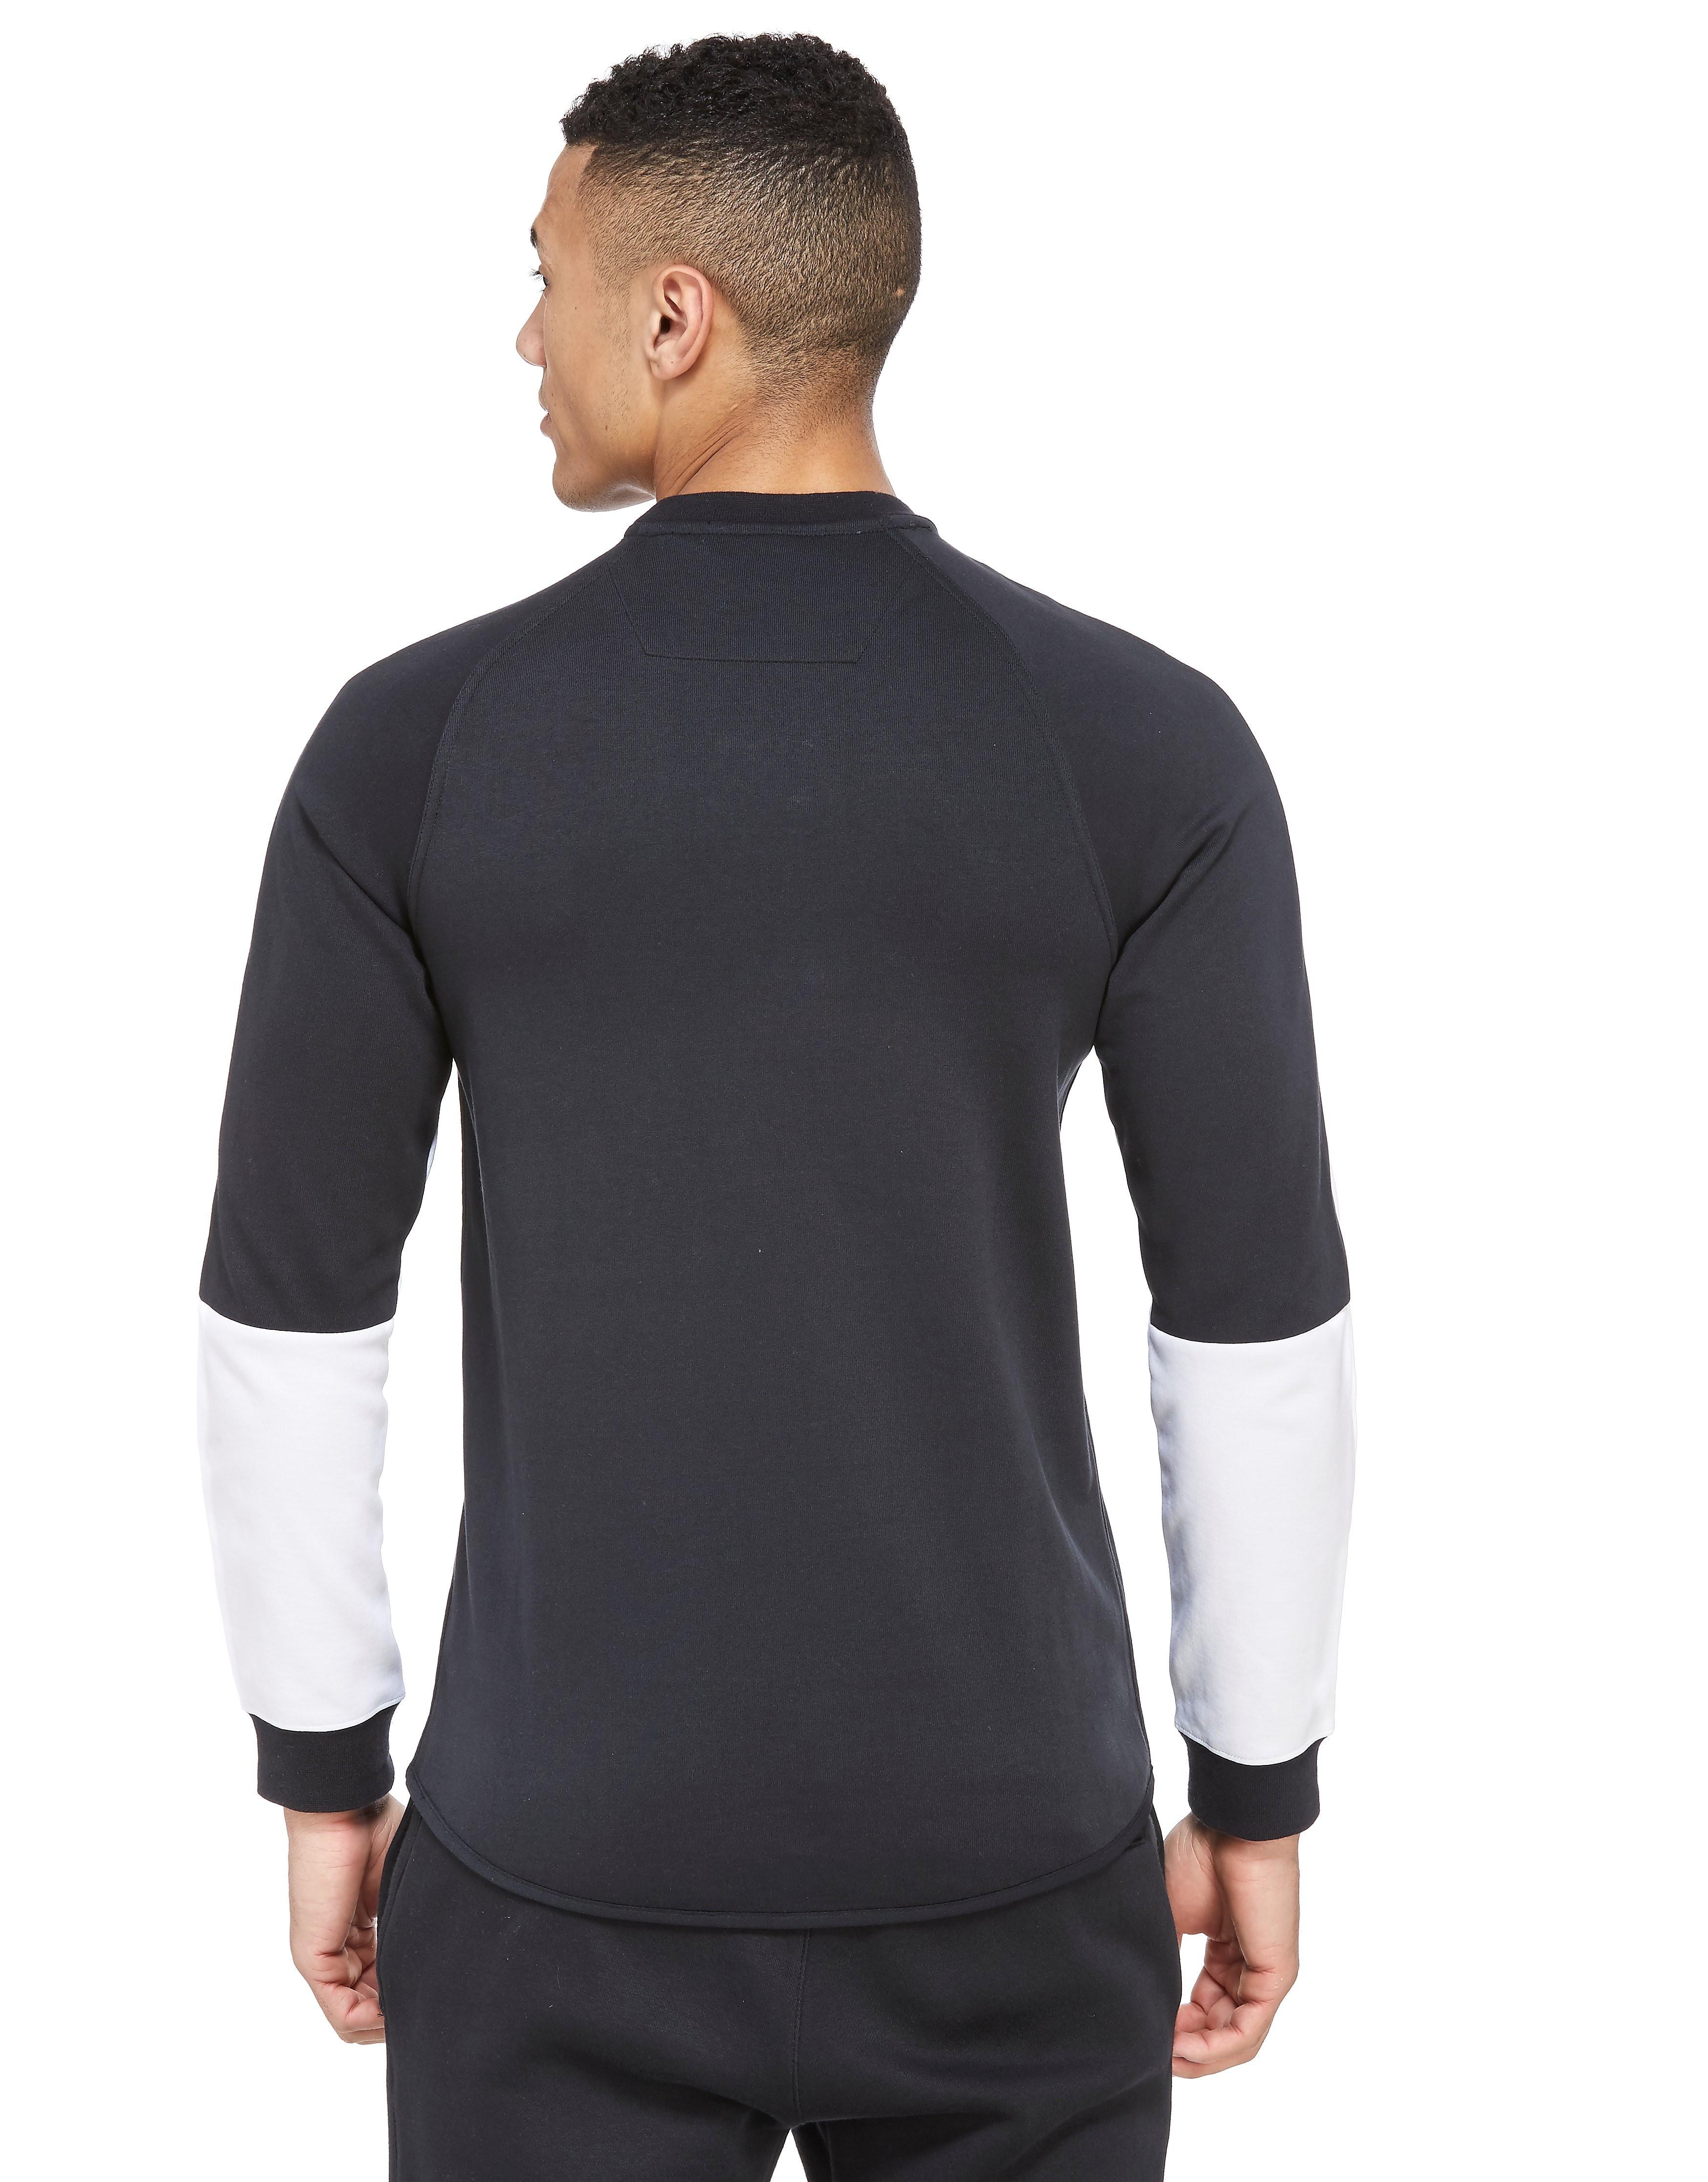 Nike ADV Fleece Crew Sweatshirt